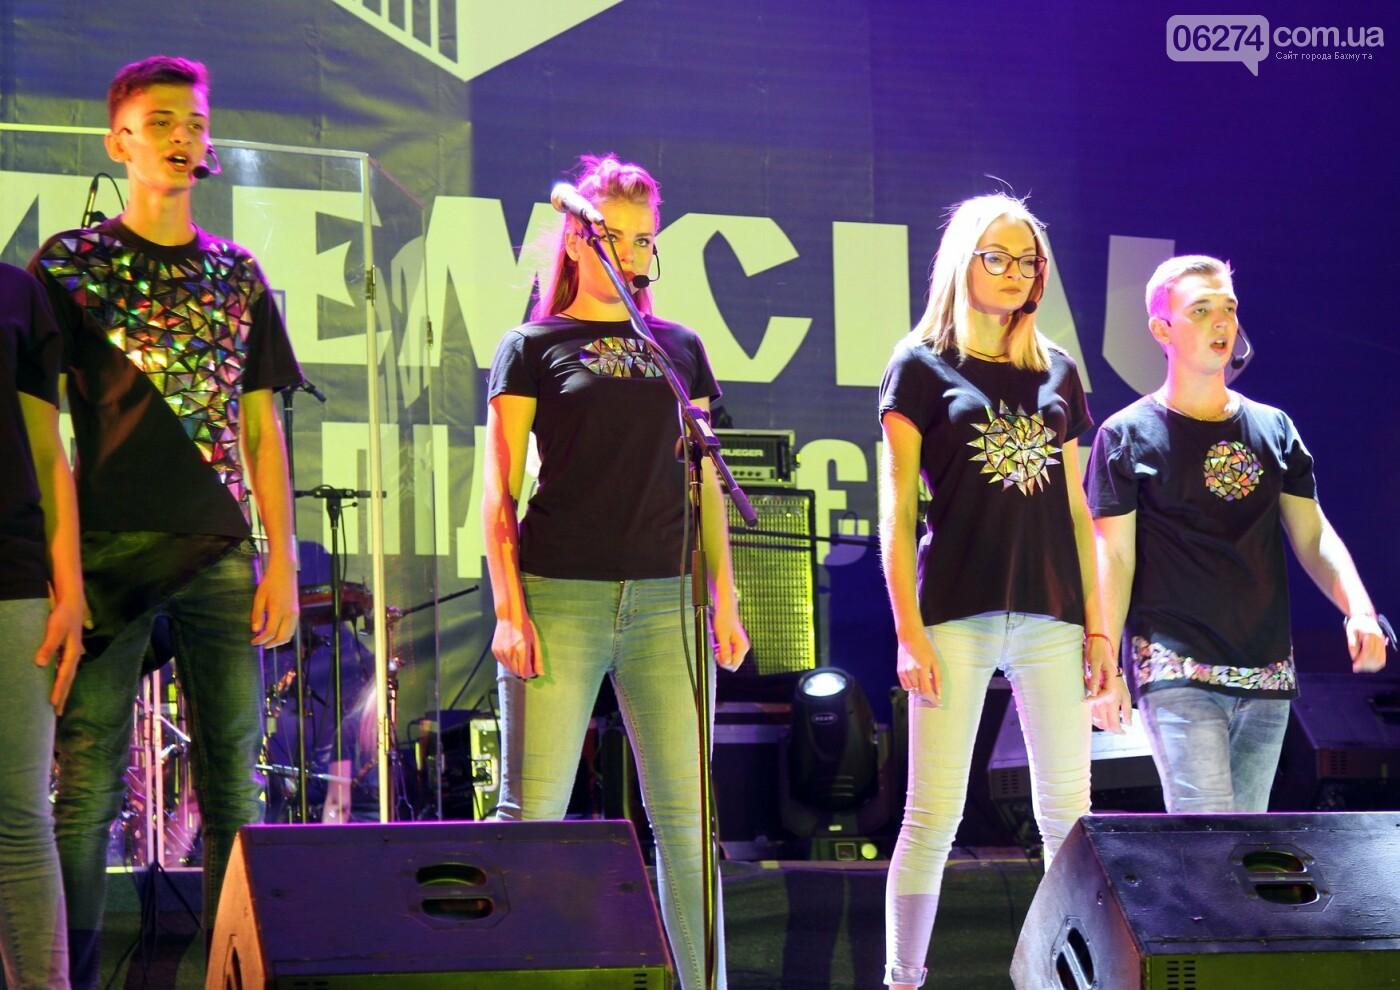 ГП «Артемсоль» с Днем шахтера поздравили звезды украинской эстрады, фото-13